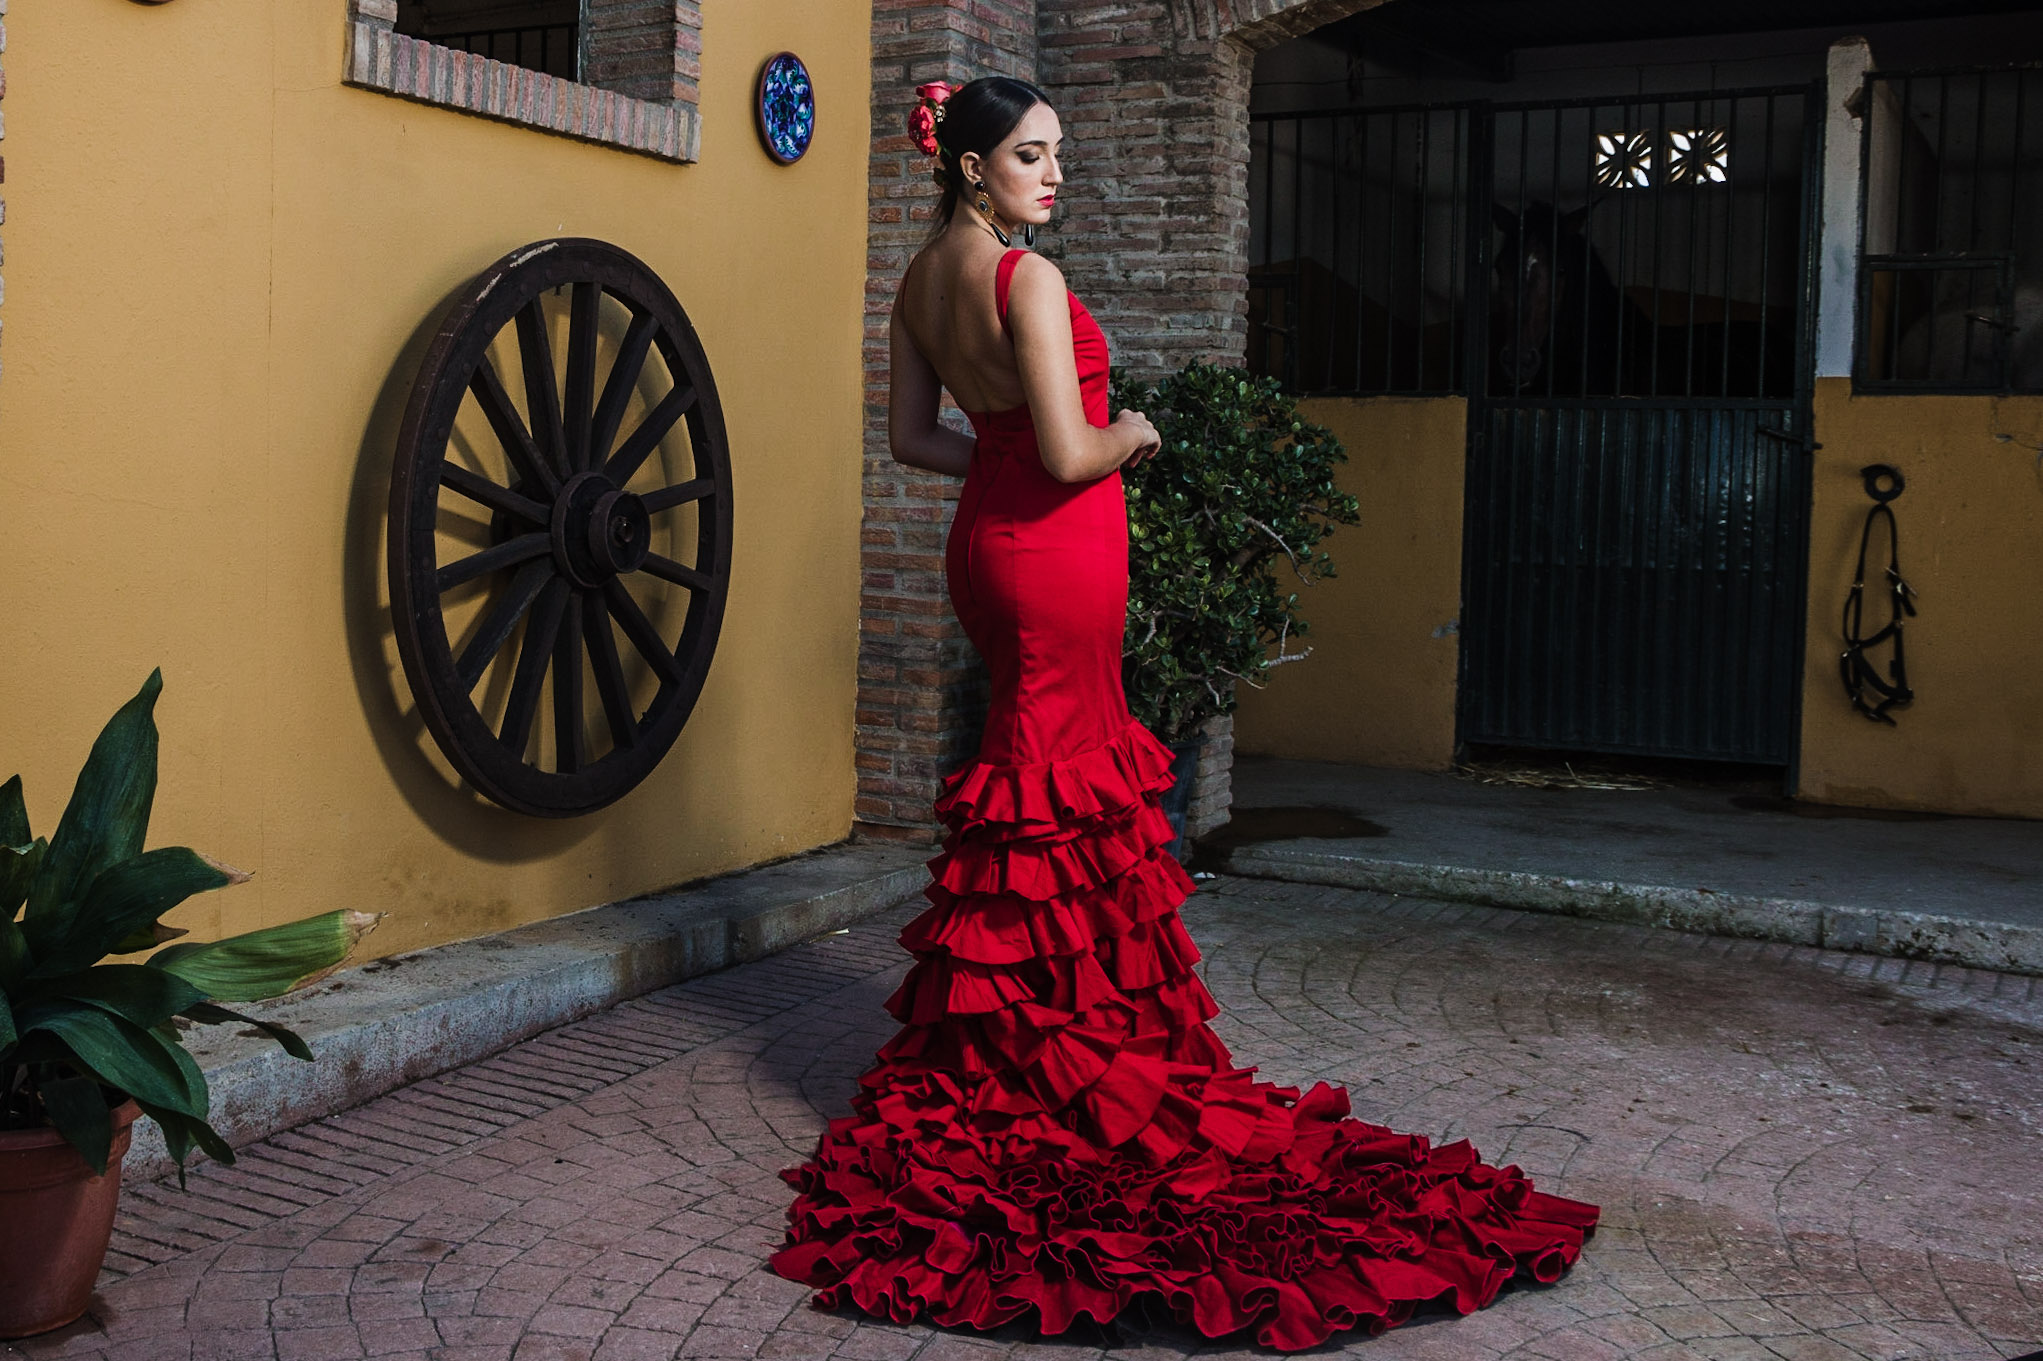 vestuario- amazonas- ecuestre- trajes de flamenca- montar a acaballo (29)